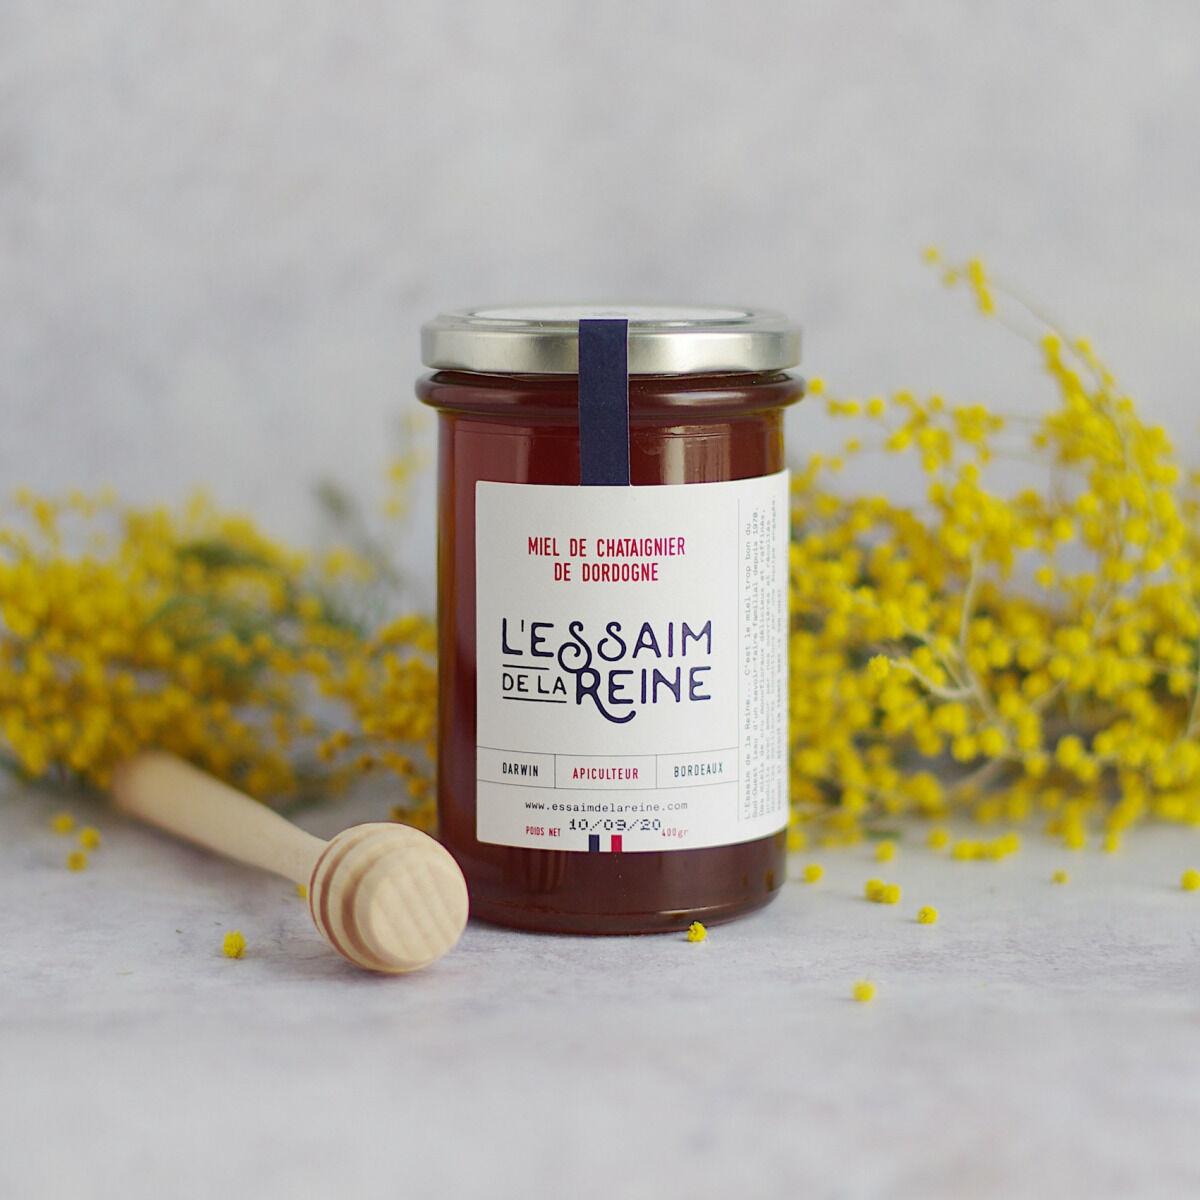 L'Essaim de la Reine Miel de chataignier de Dordogne - 400g - récolté en France par l'apiculteur